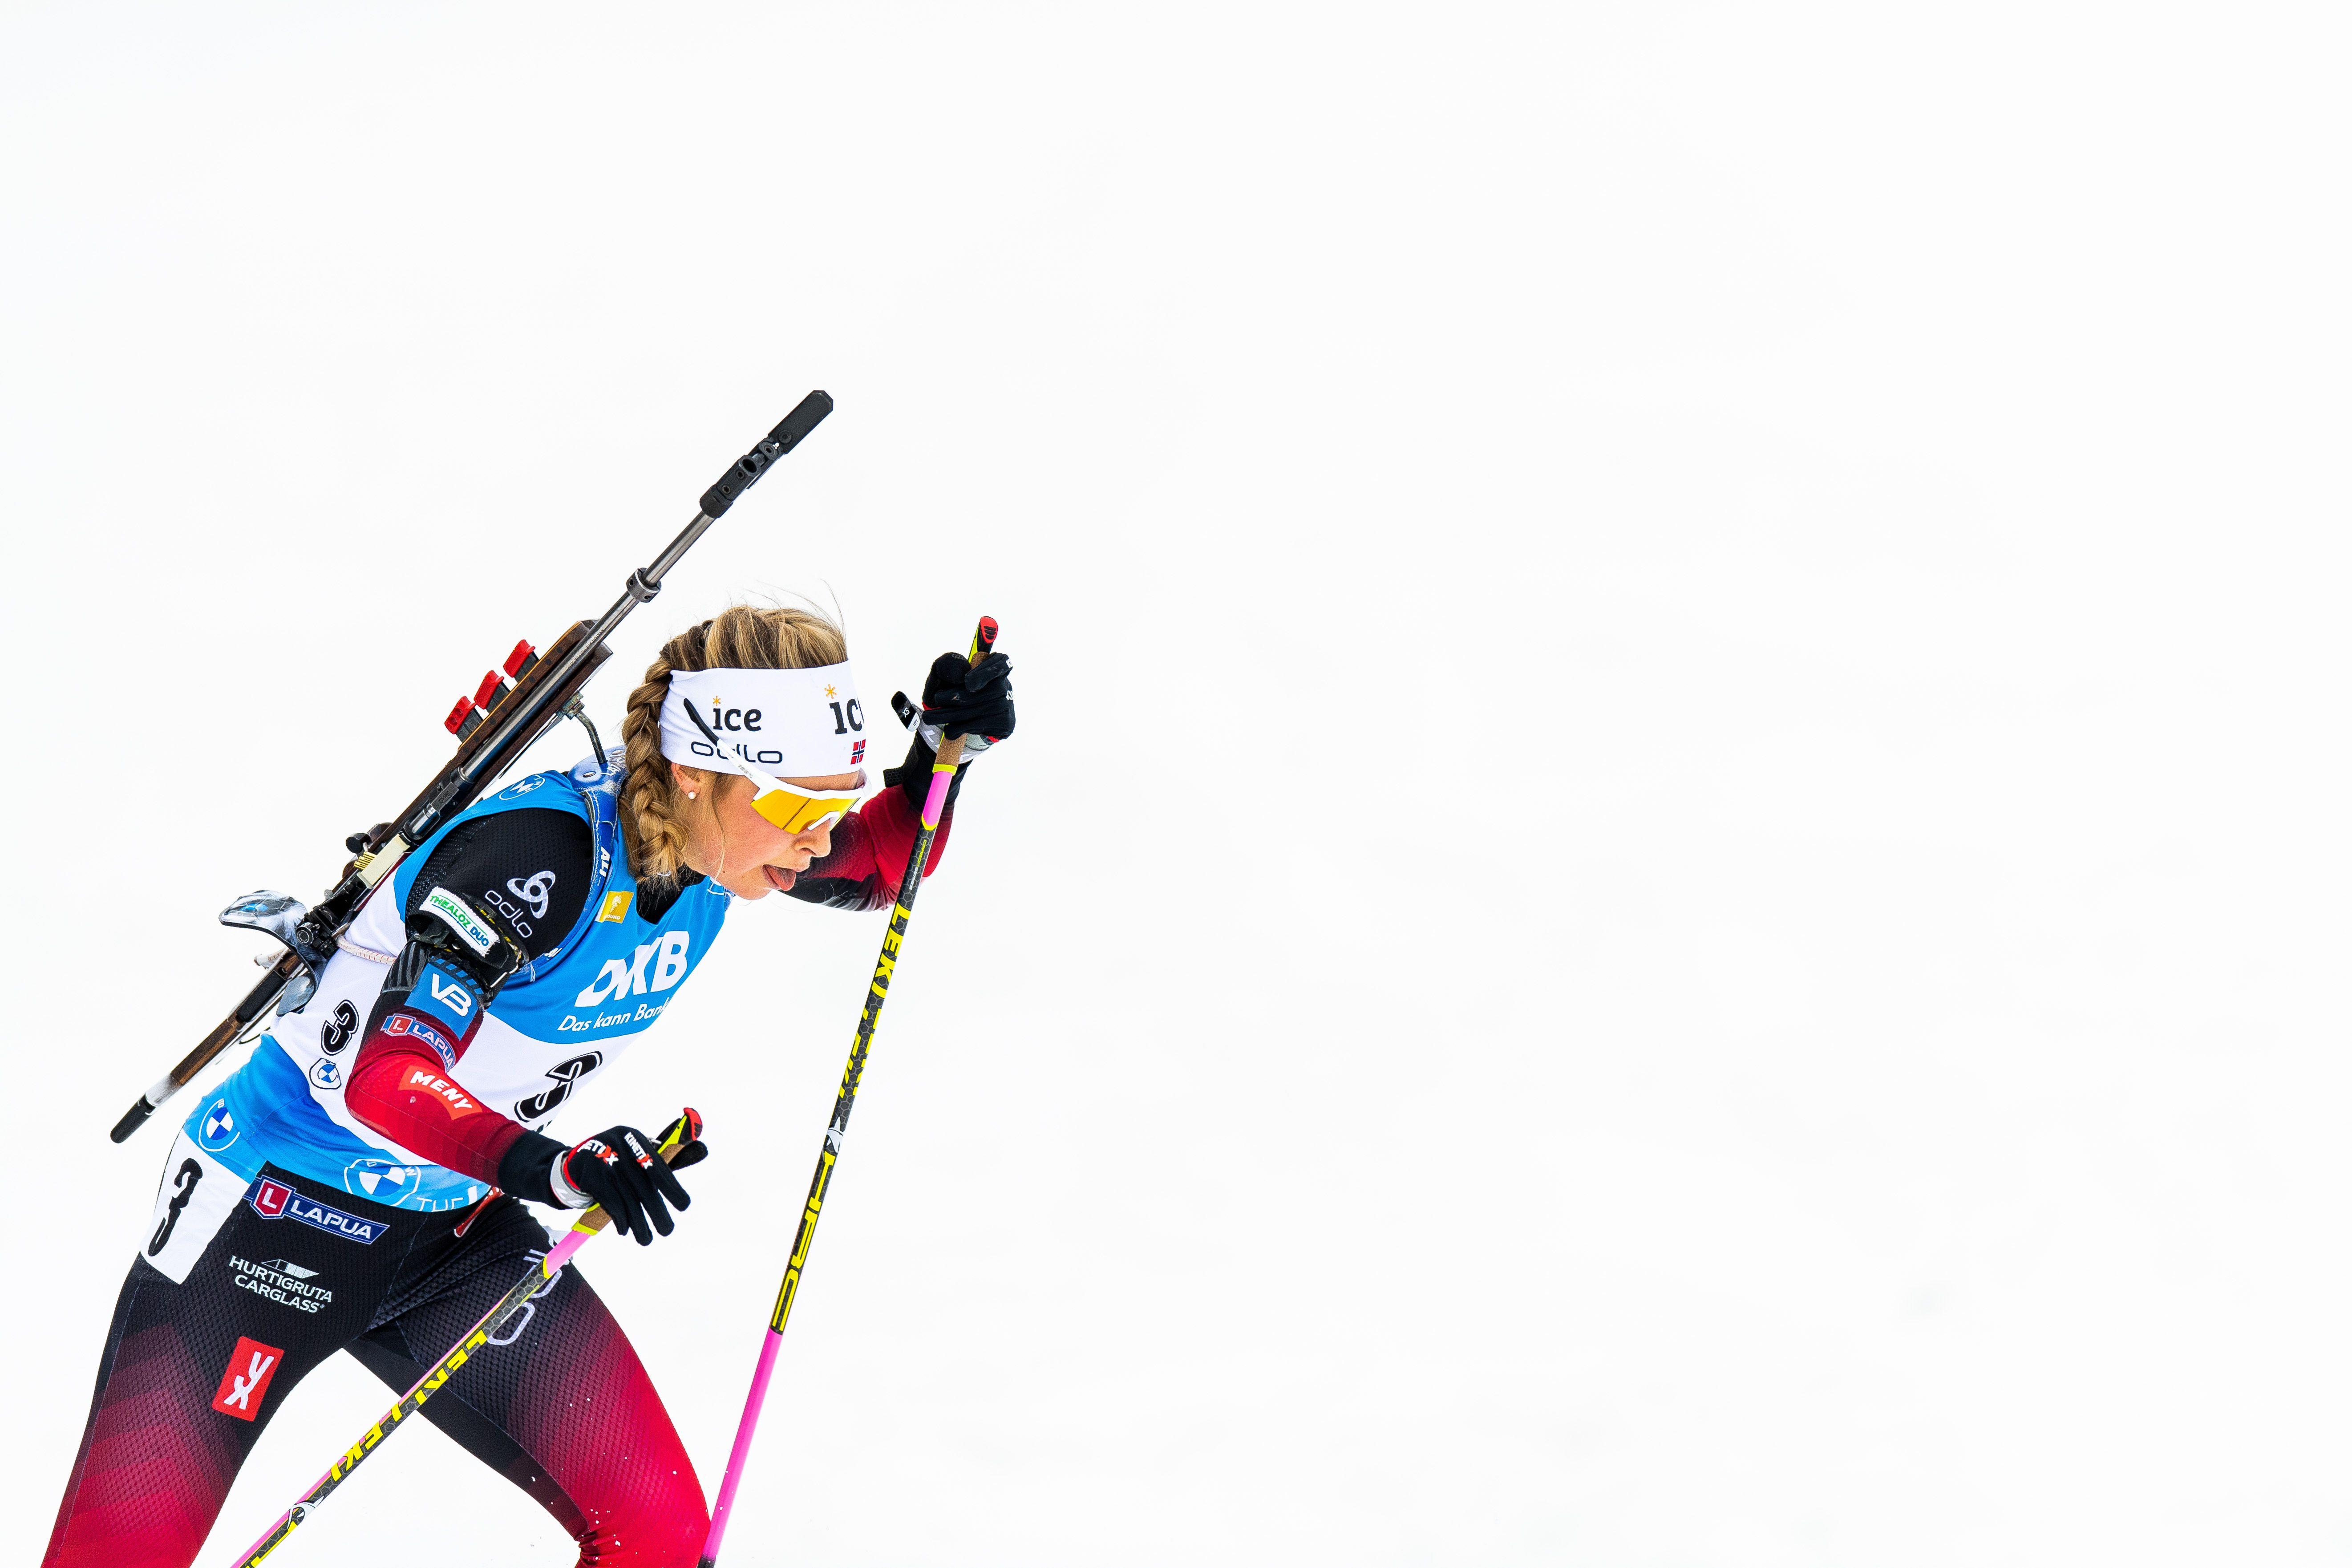 Тандревольд выигрывает масс-старт, россиянки вновь без медалей: результаты гонки